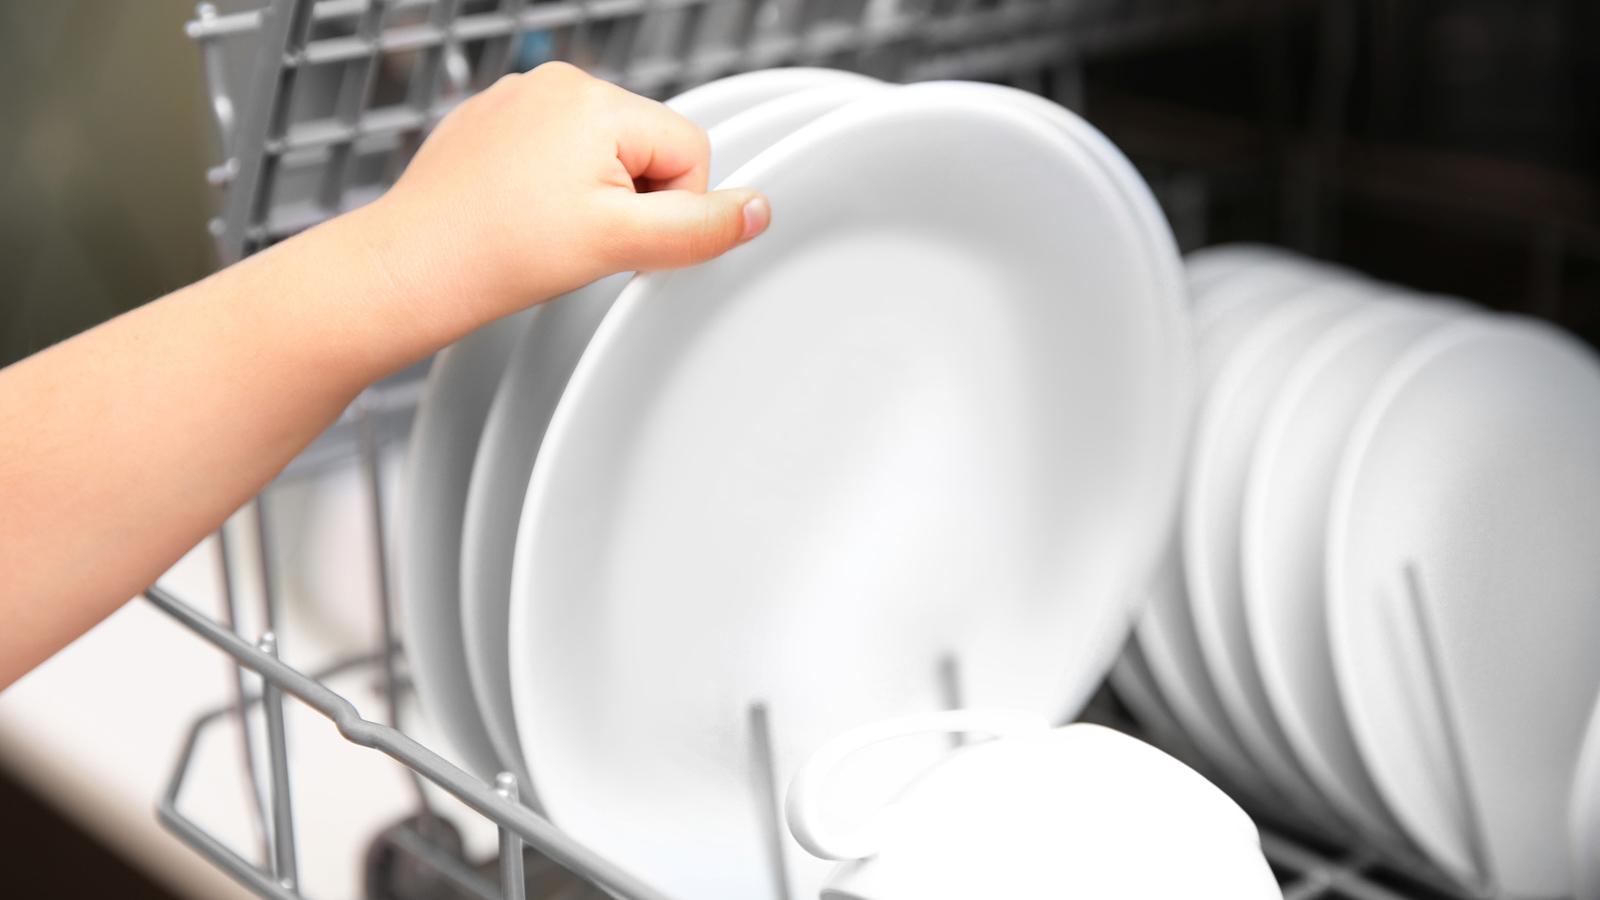 Teller in der Spülmaschine, gereinigt mit Tabs oder Pulver